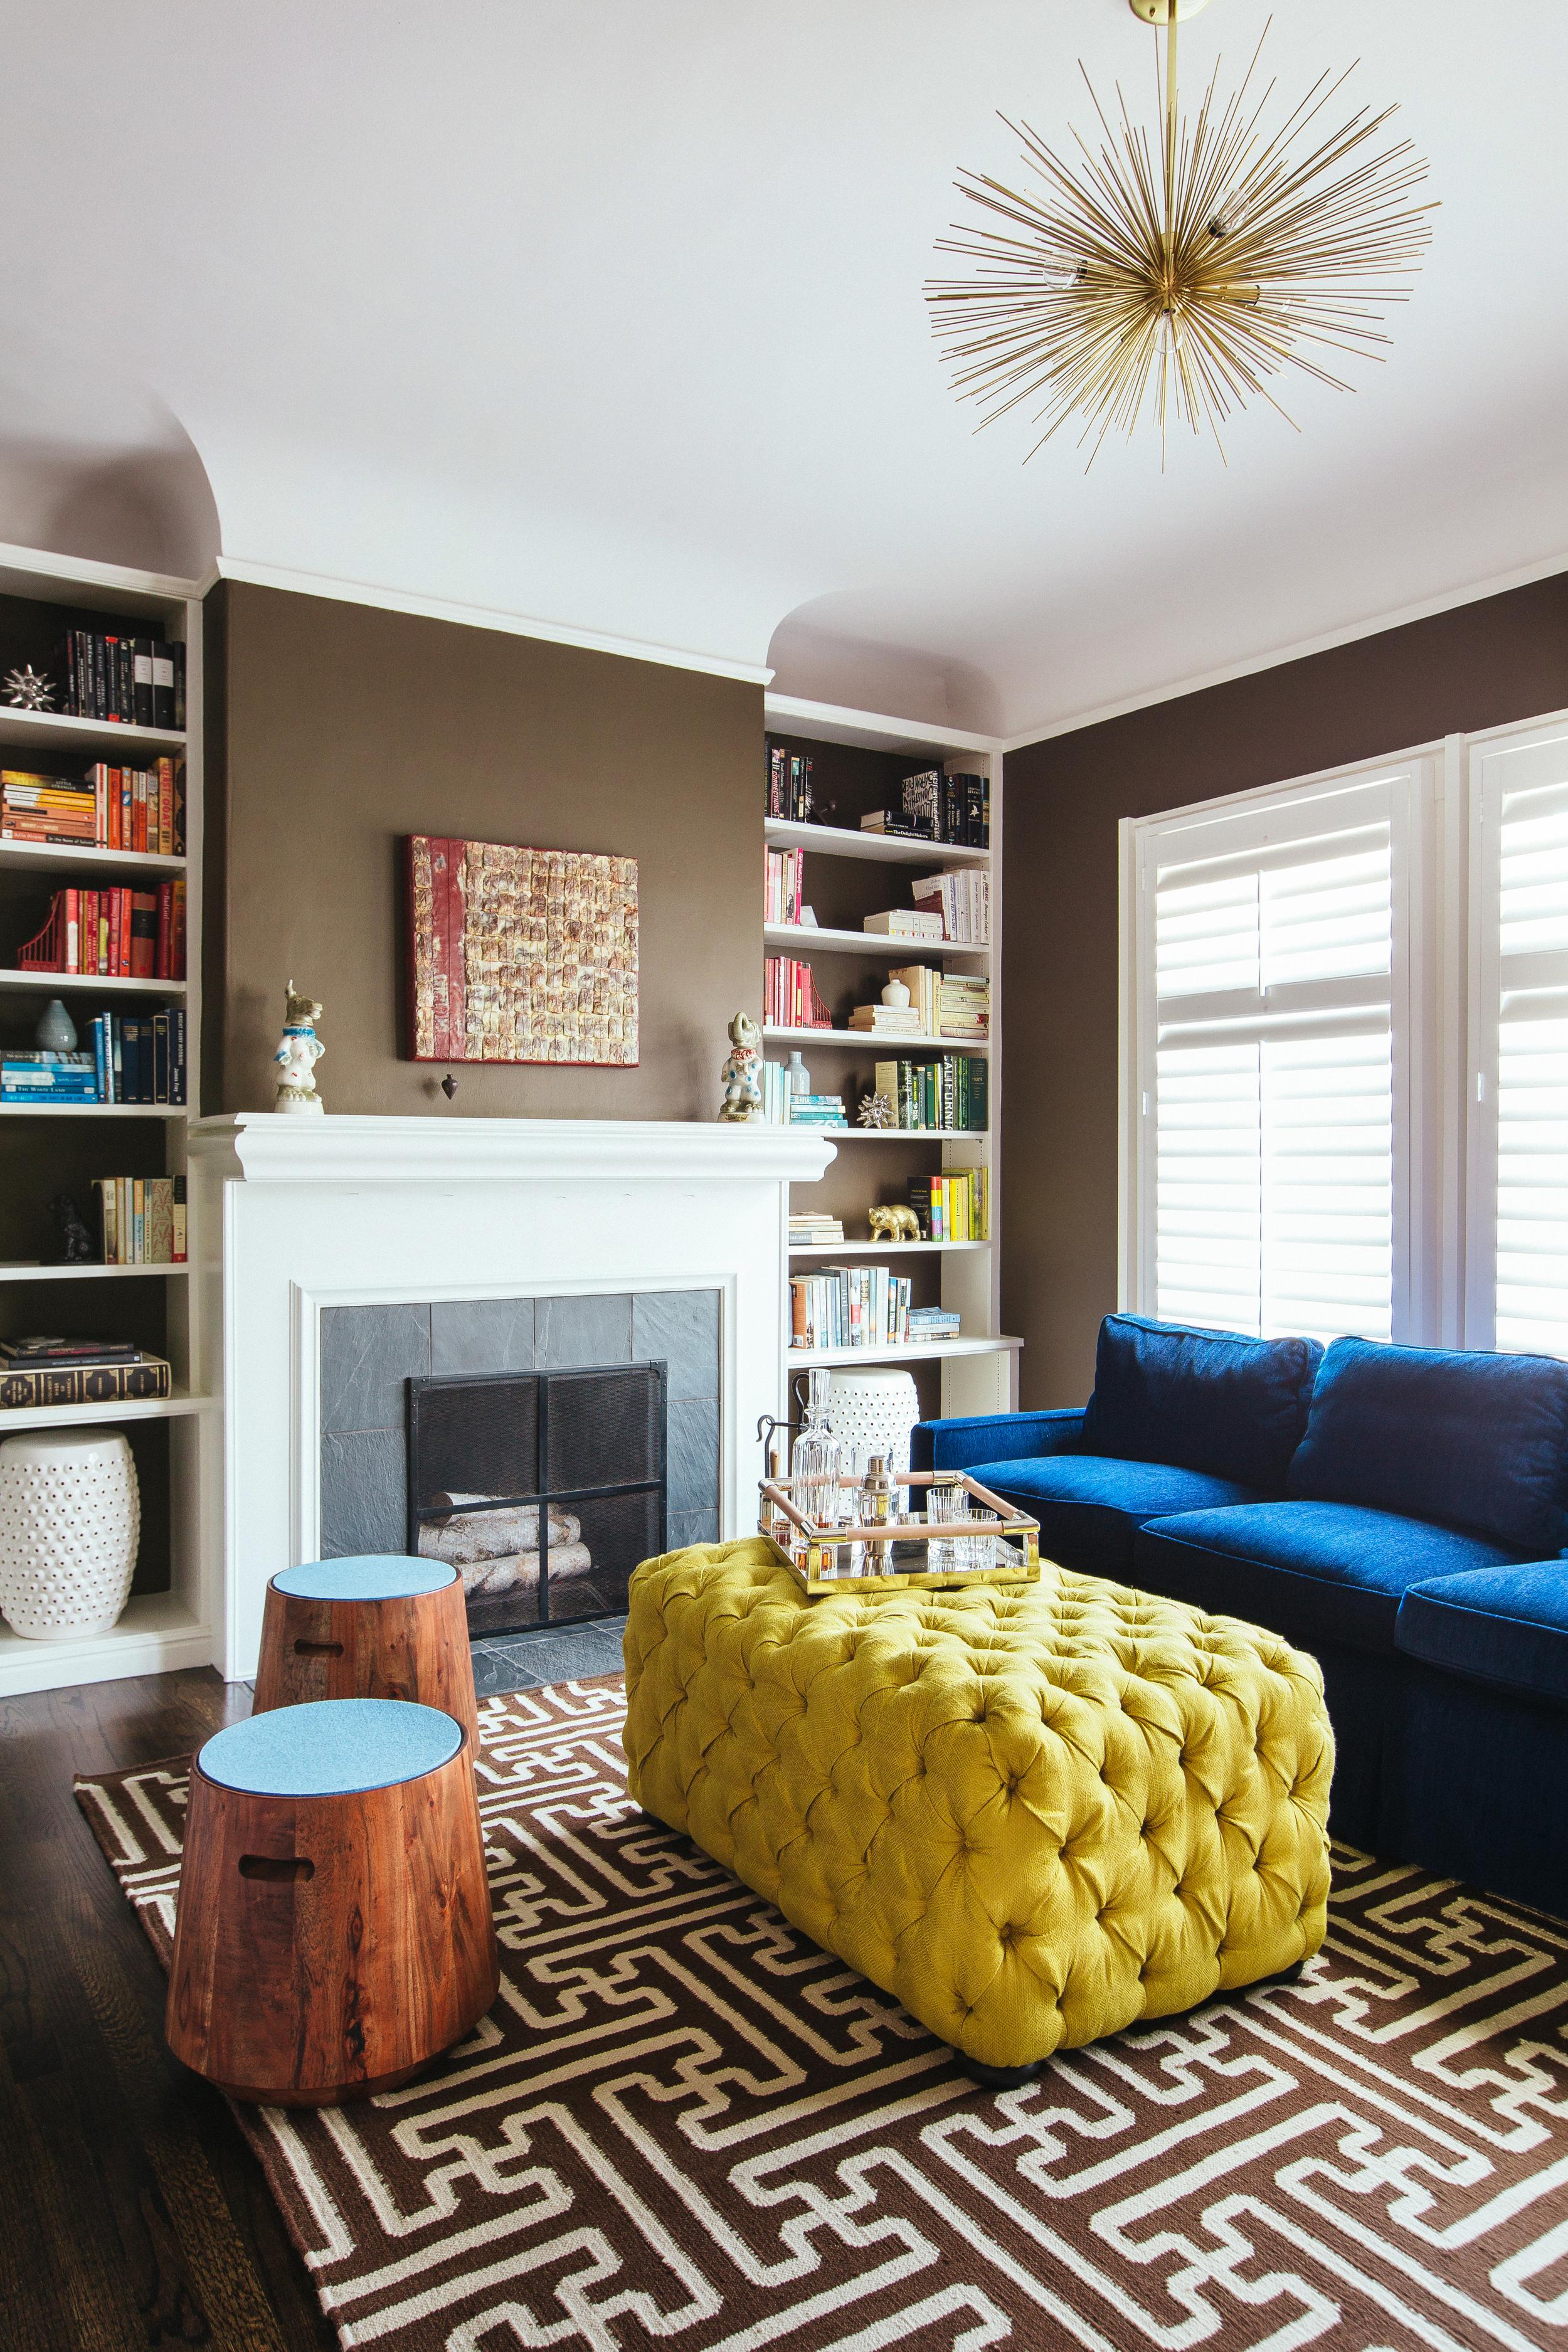 Noz Design - Avenues Family House - Living Room 1.jpg